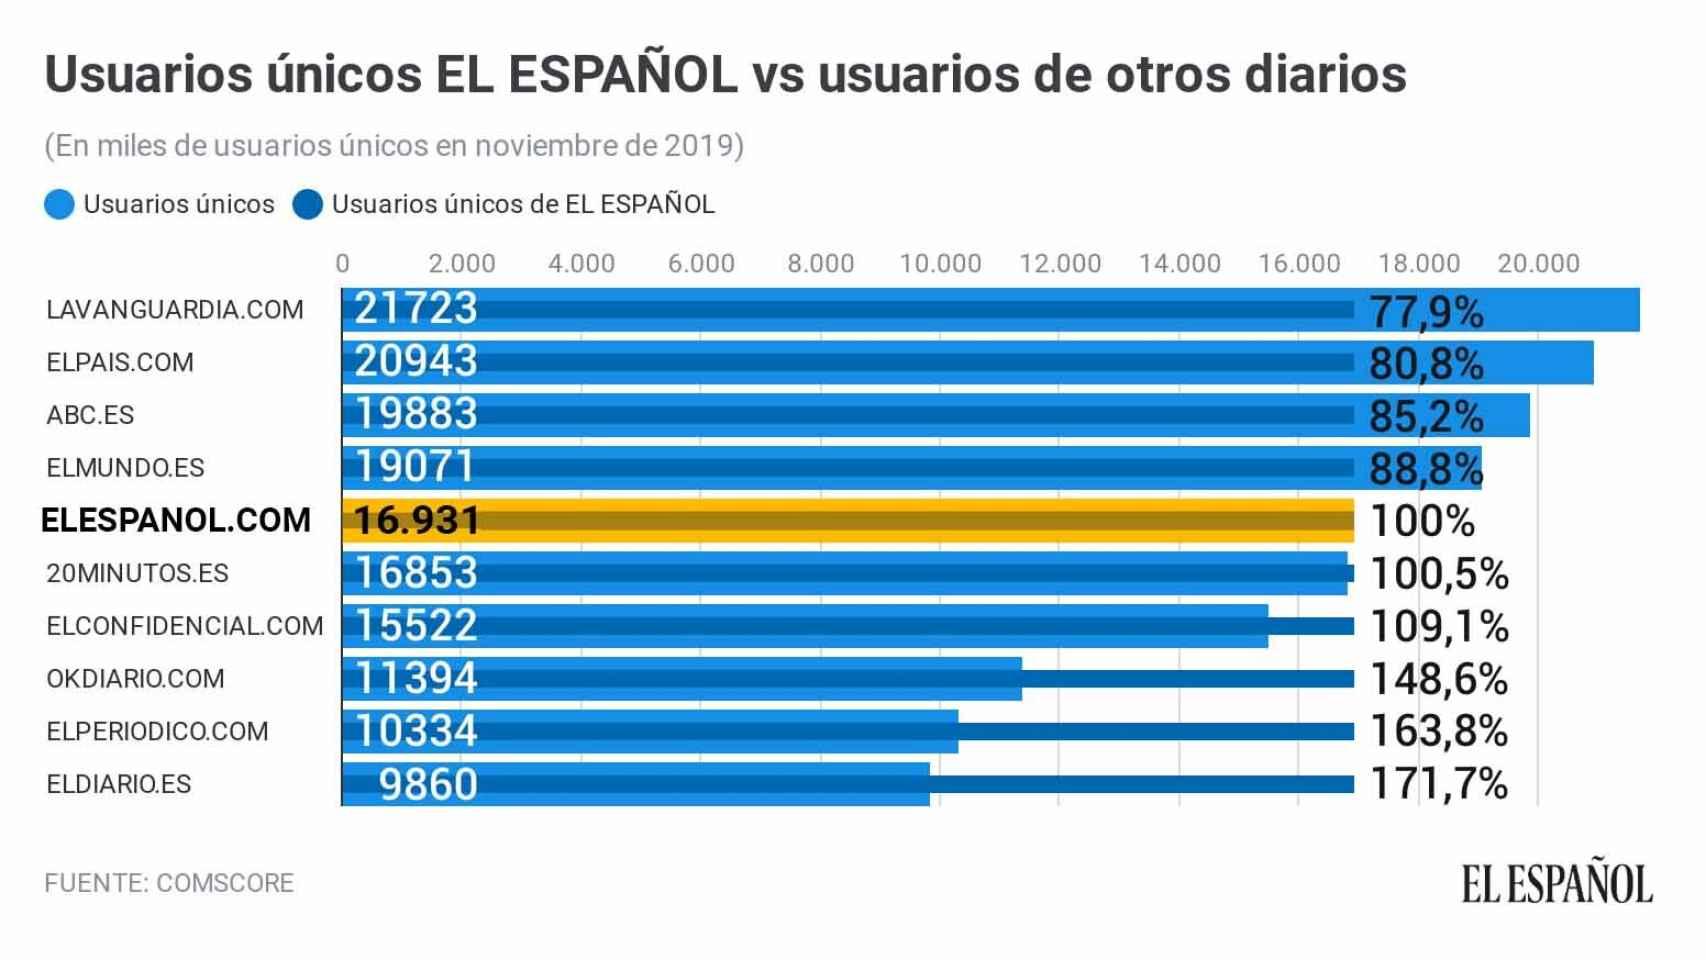 Tráfico de ELESPANOL.COM en noviembre comparado con el de sus competidores.